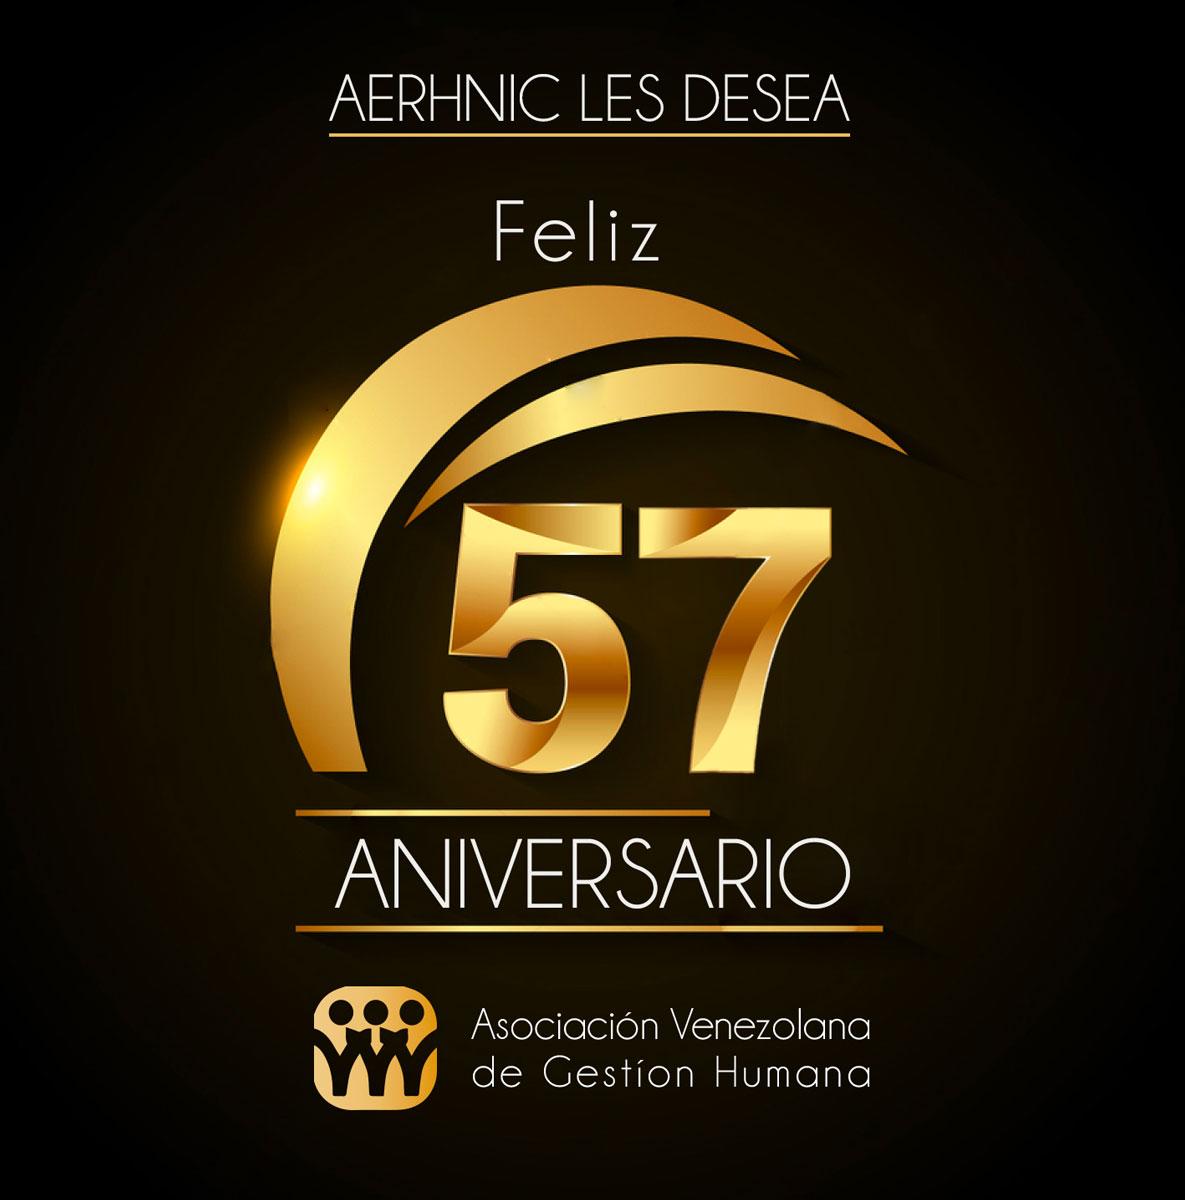 Asociación Venezolana de Recursos Humanos